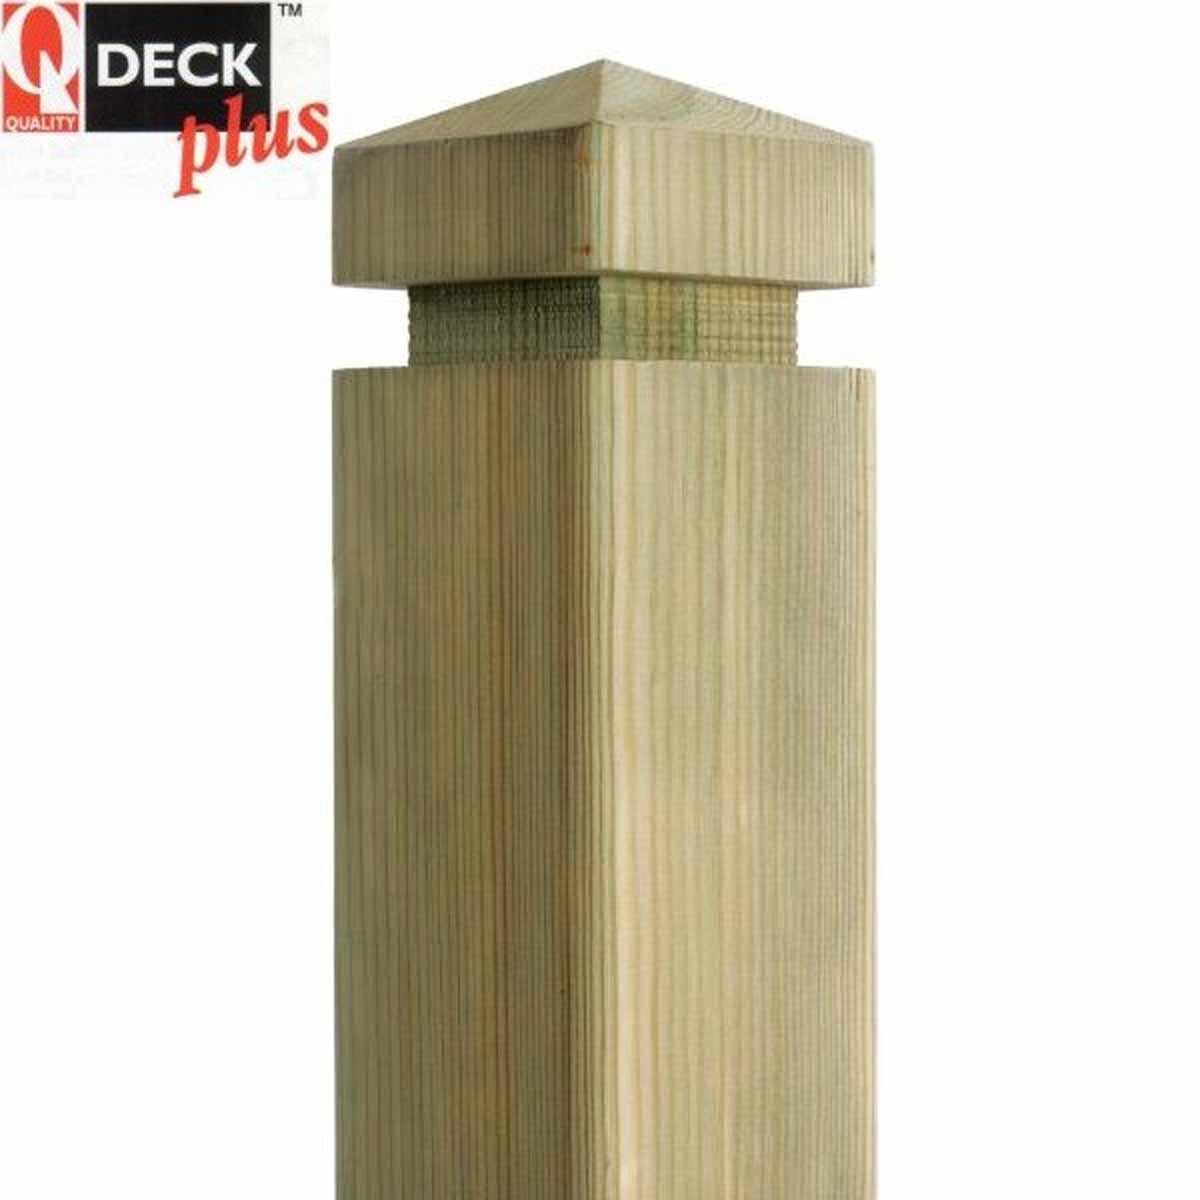 Q Deck Plus Contemporary Newel Post 85 X 85 X 1500mm Daws Heath Timber Ltd